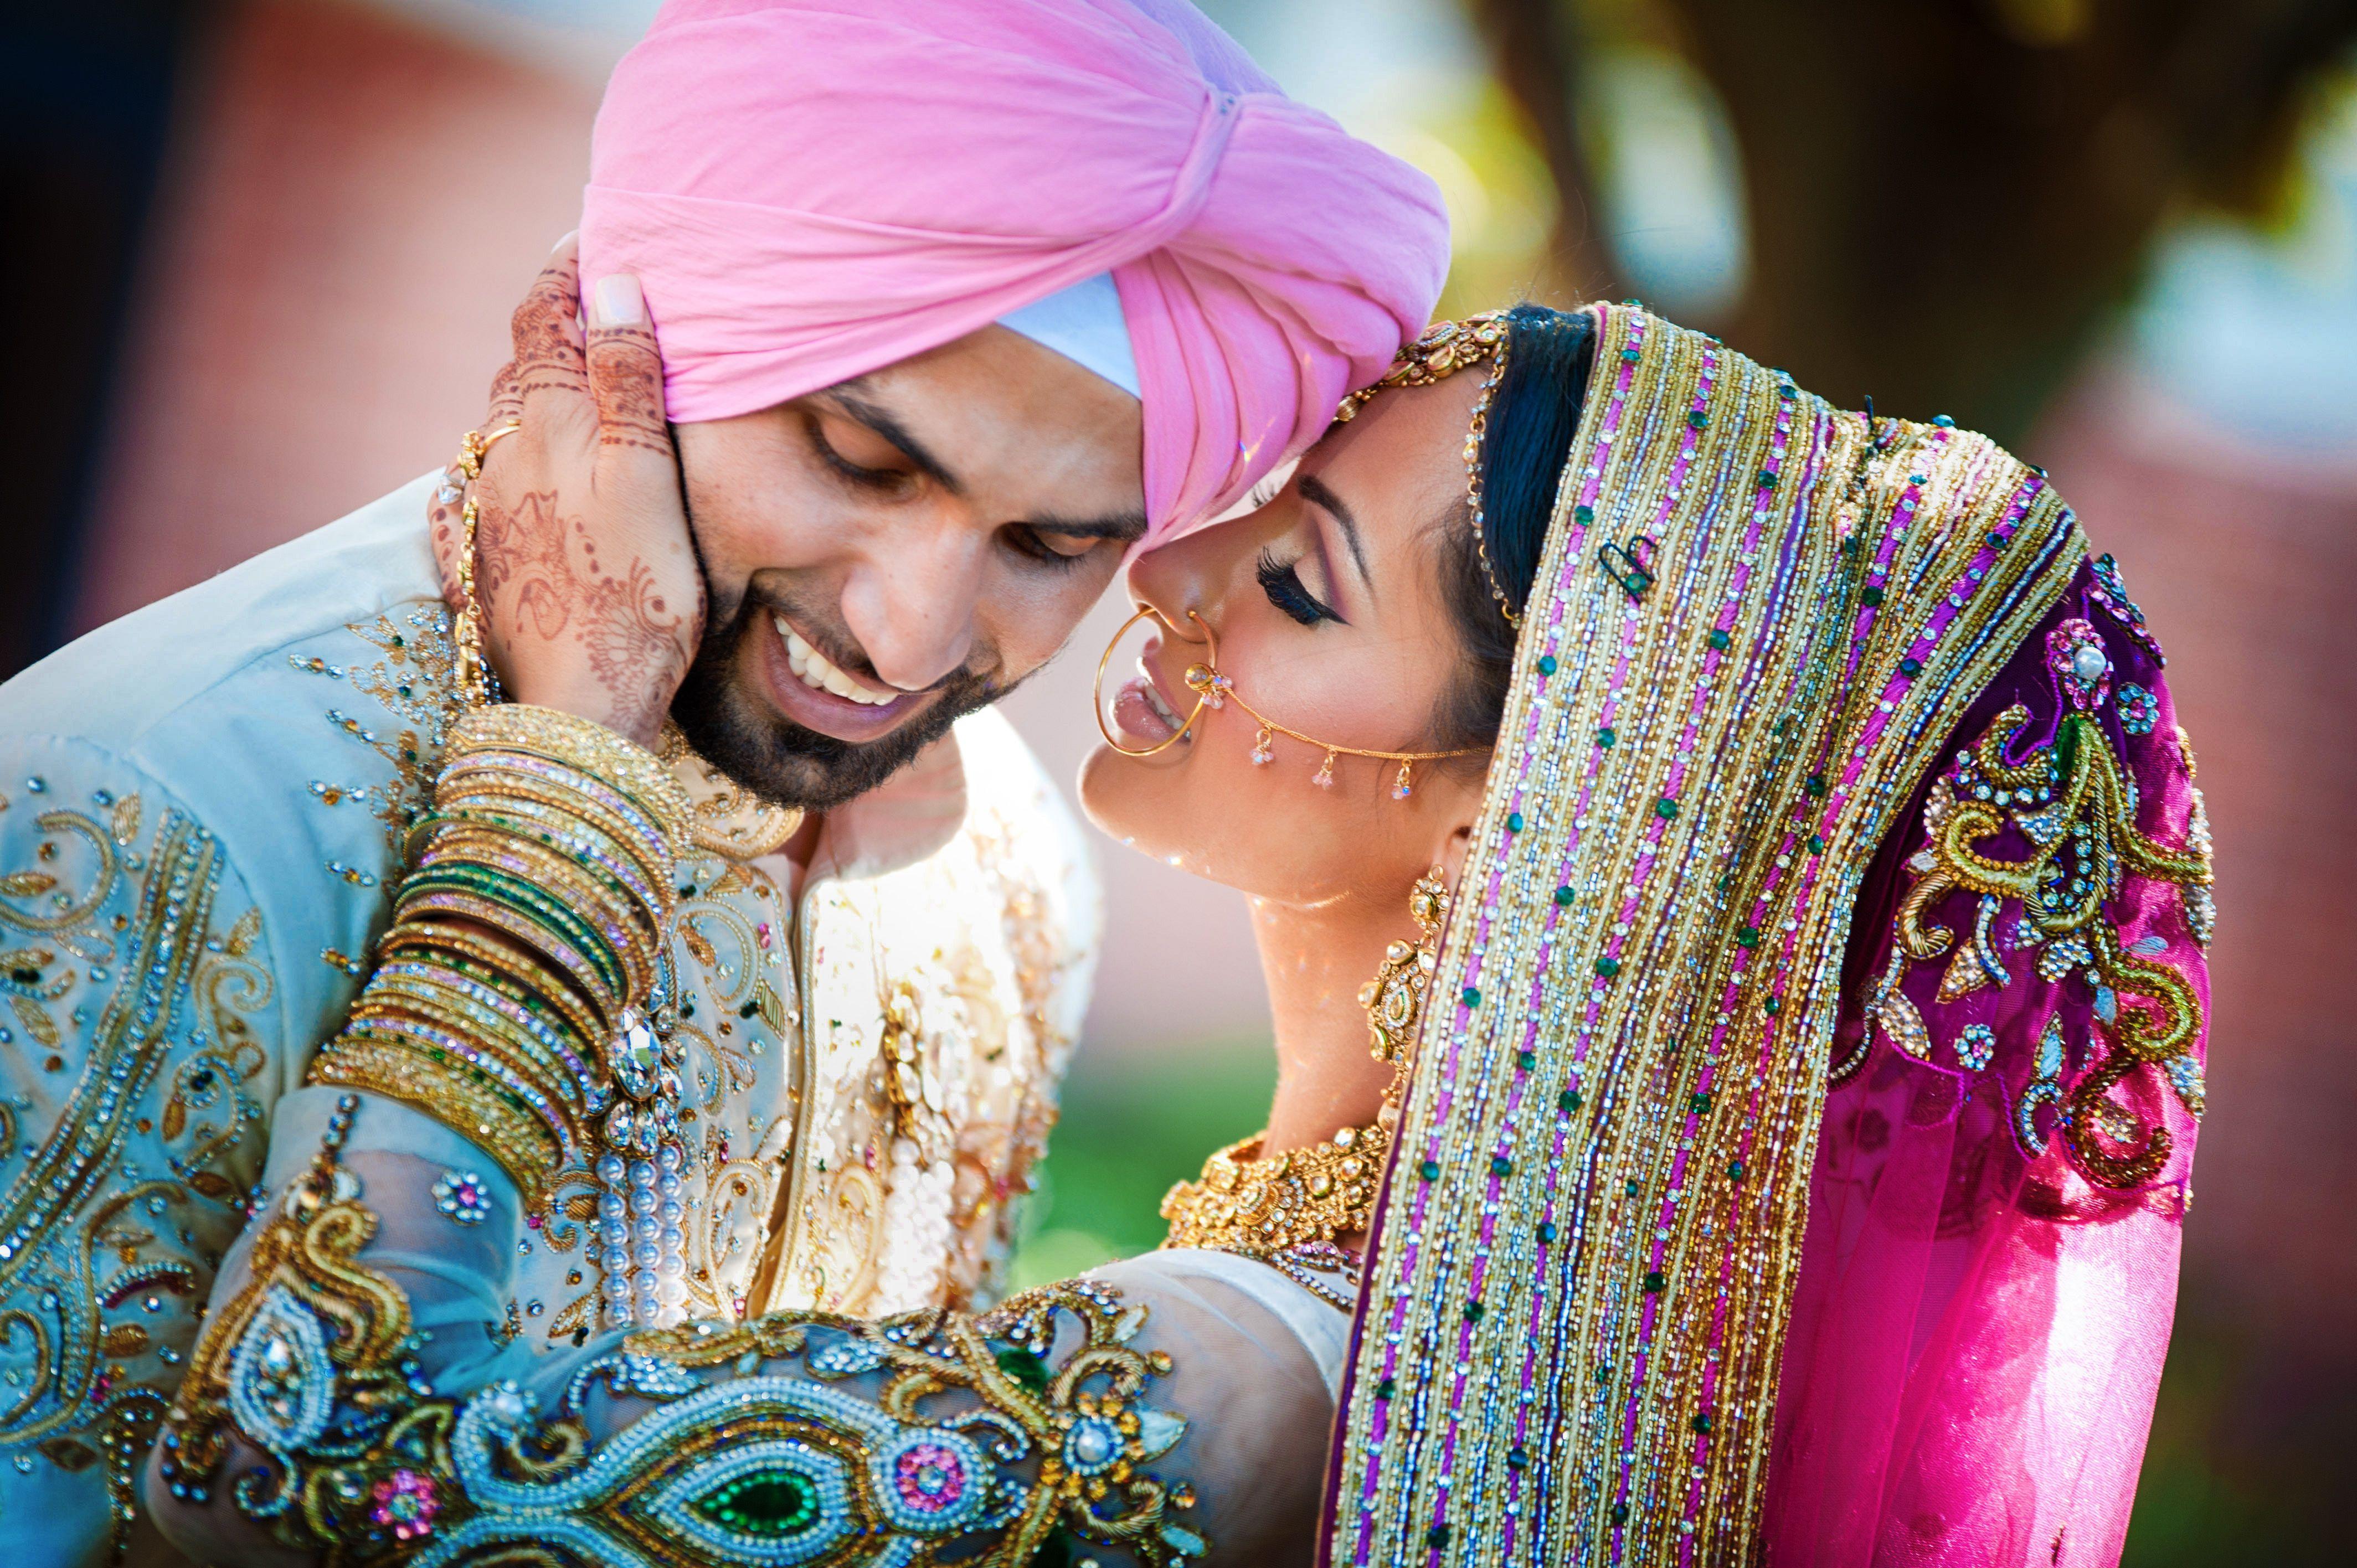 Punjabi Wedding Indian Wedding Pink And Green Indian Wedding Indian Bride Desi Wedding Desi Bride